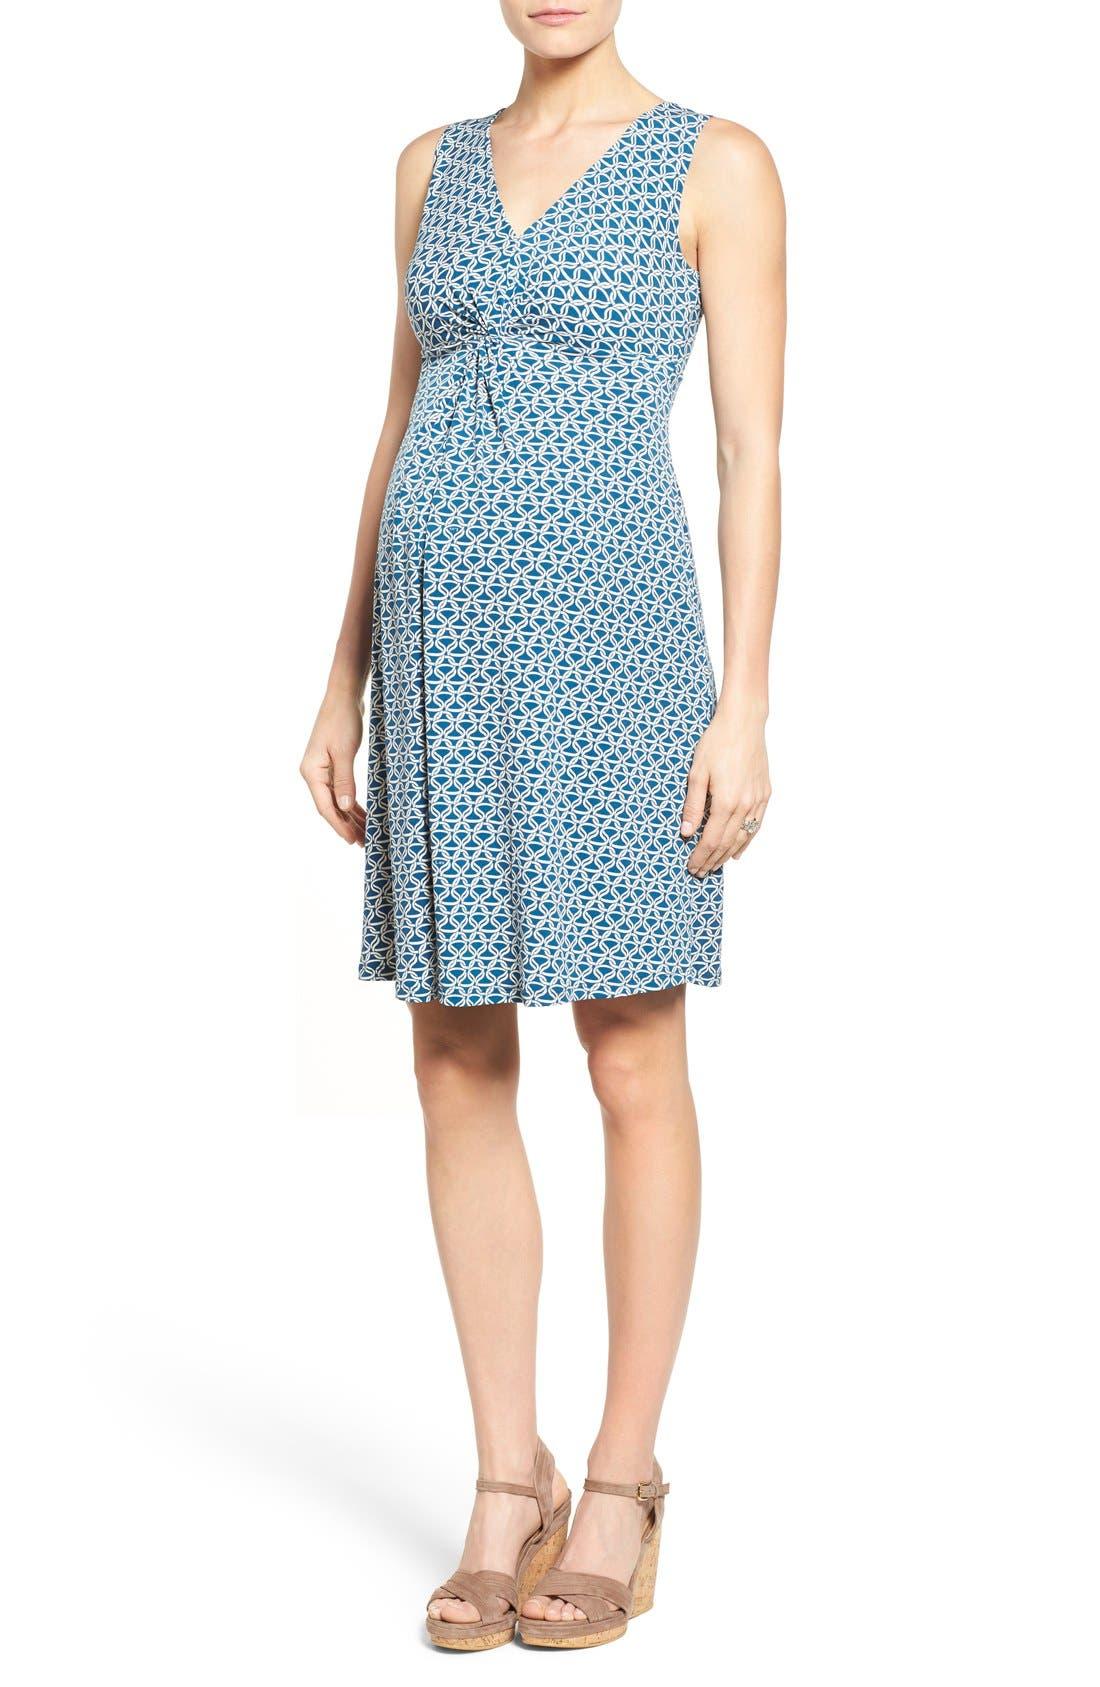 Leota Maternity Clothes: Jeans, Dresses, Tops, Coats & More | Nordstrom